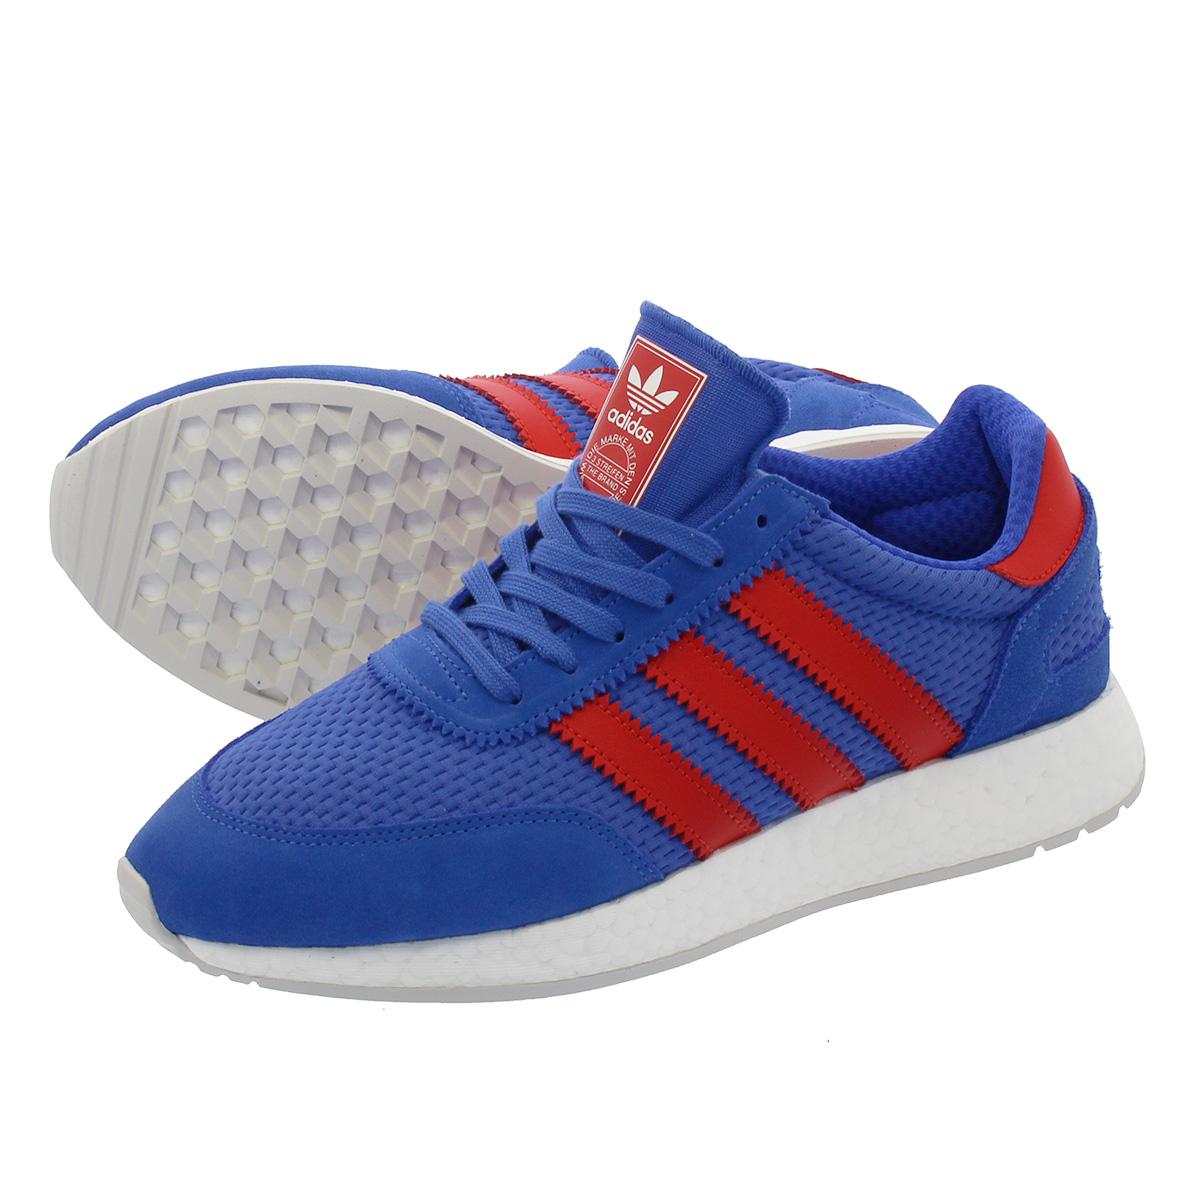 【毎日がお得!値下げプライス】 adidas I-5923 INIKIRUNNER 【adidas Originals】 アディダス I-5923 イニキランナー HI-RES BLUE/SOLAR RED/GREY ONE d96605